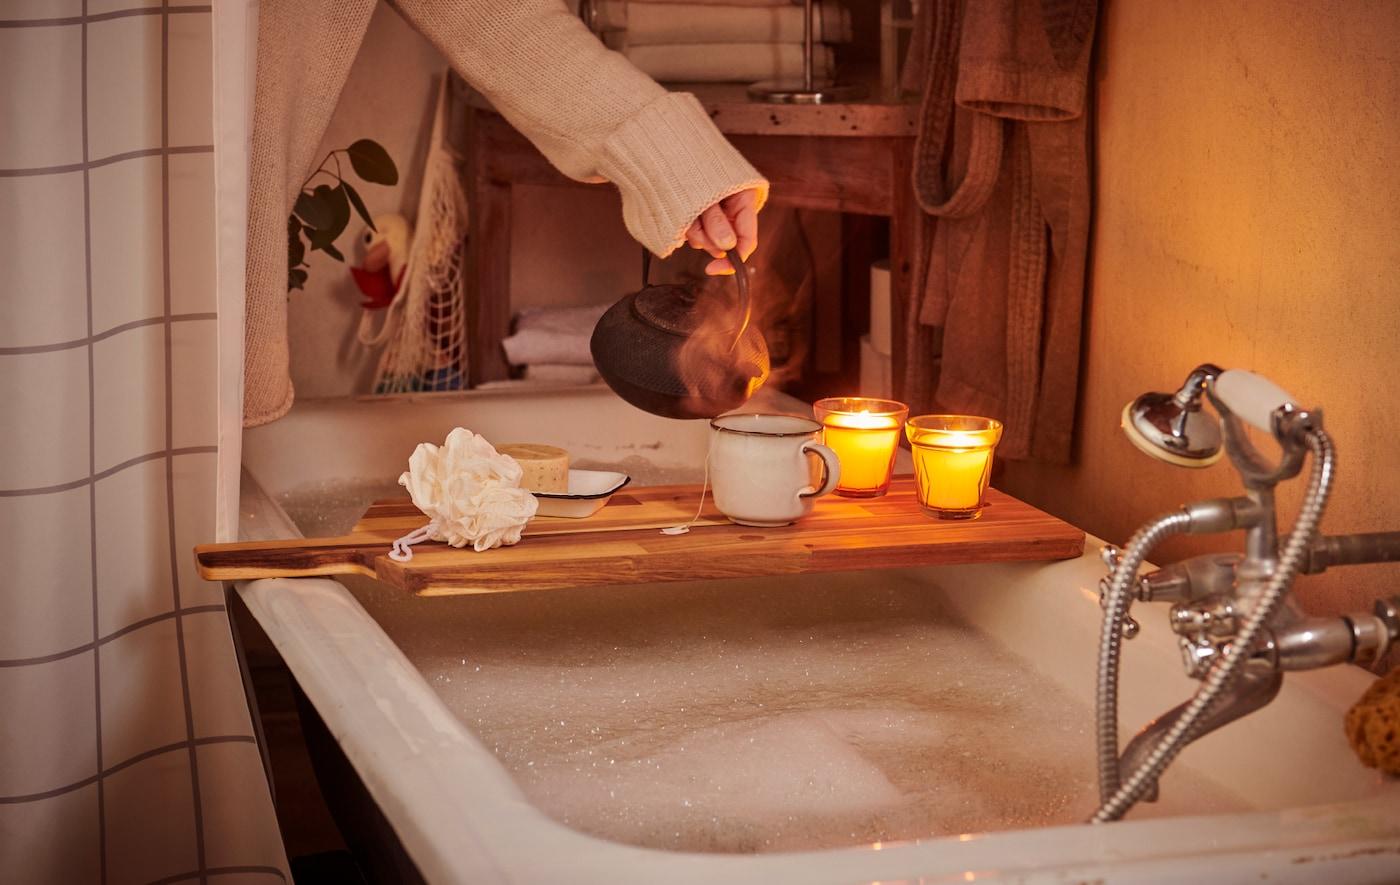 Prikaz žene u puloveru kako priprema spa tretman i nalijeva čaj u šalicu na daski za rezanje koja se nalazi iznad kade.